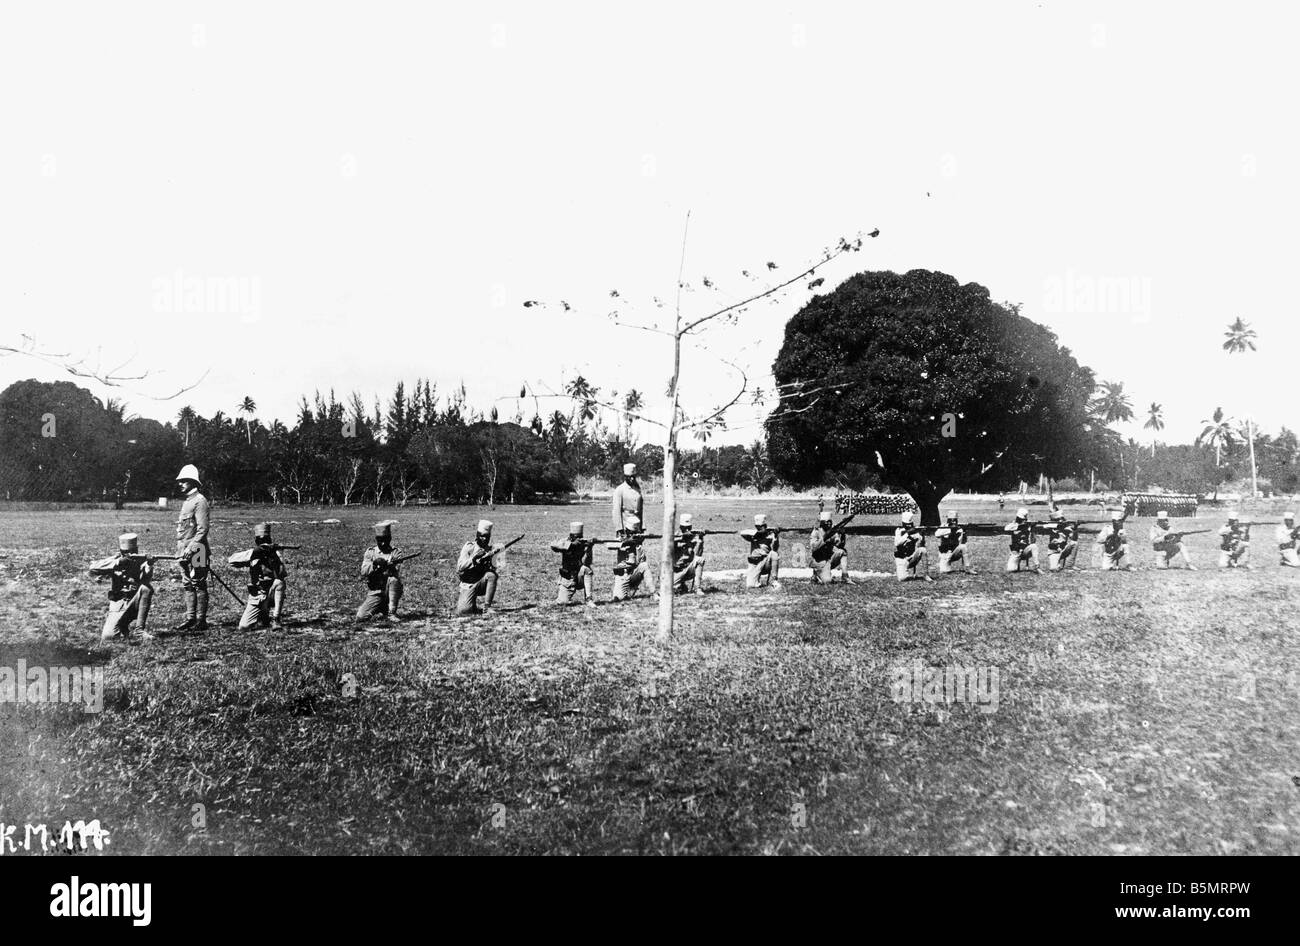 9AF 1914 0 0 A1 1 troupes auxiliaires l'Afrique orientale allemande Première Guerre mondiale La guerre dans les colonies l'Afrique orientale allemande aujourd'hui la formation de la Tanzanie Banque D'Images